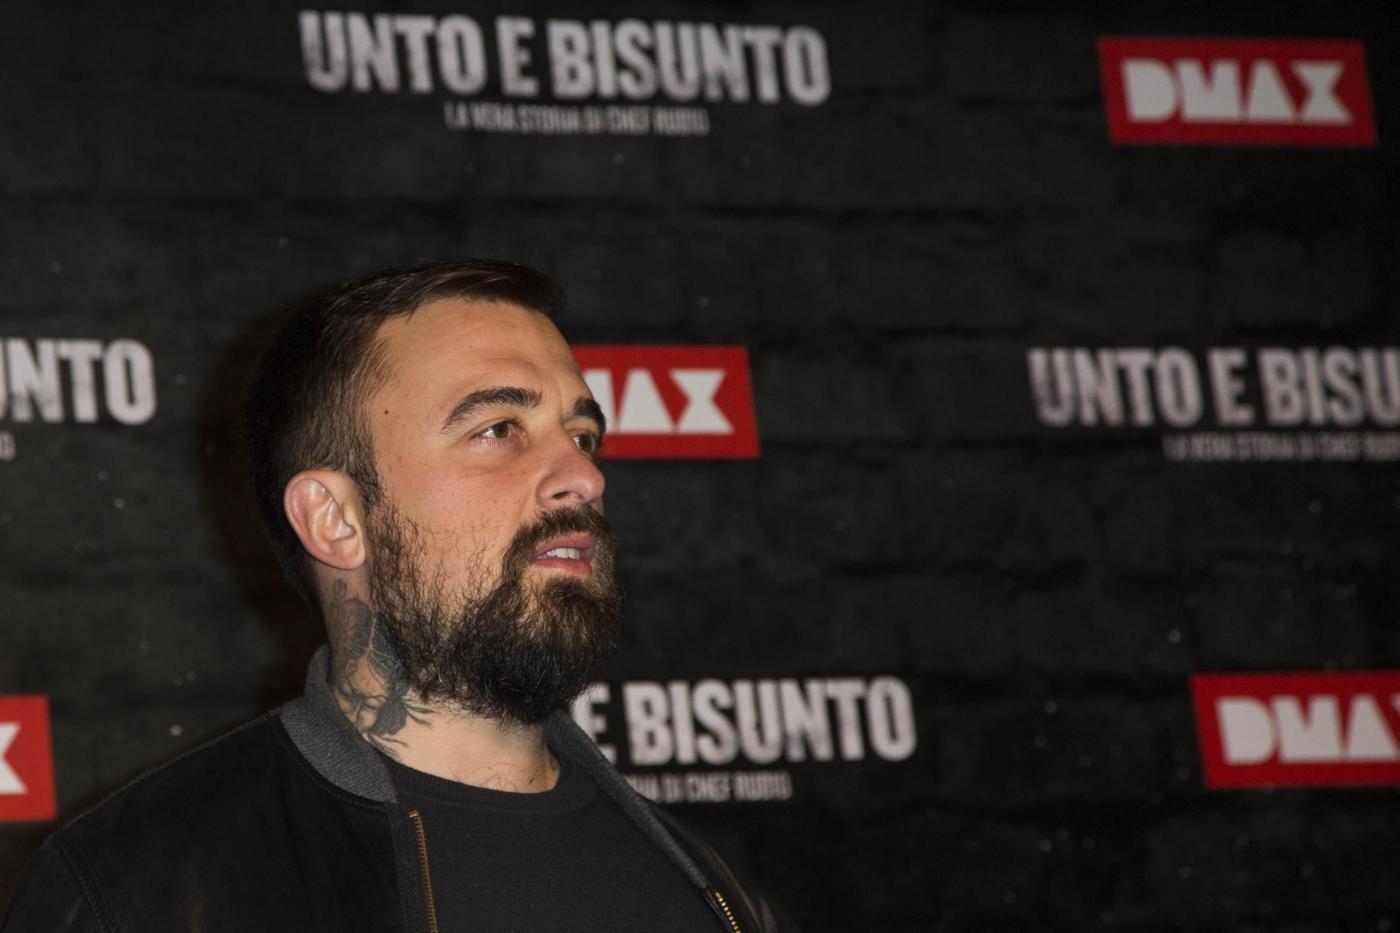 Roma: anteprima del film 'Unto e bisunto' con Chef Rubio